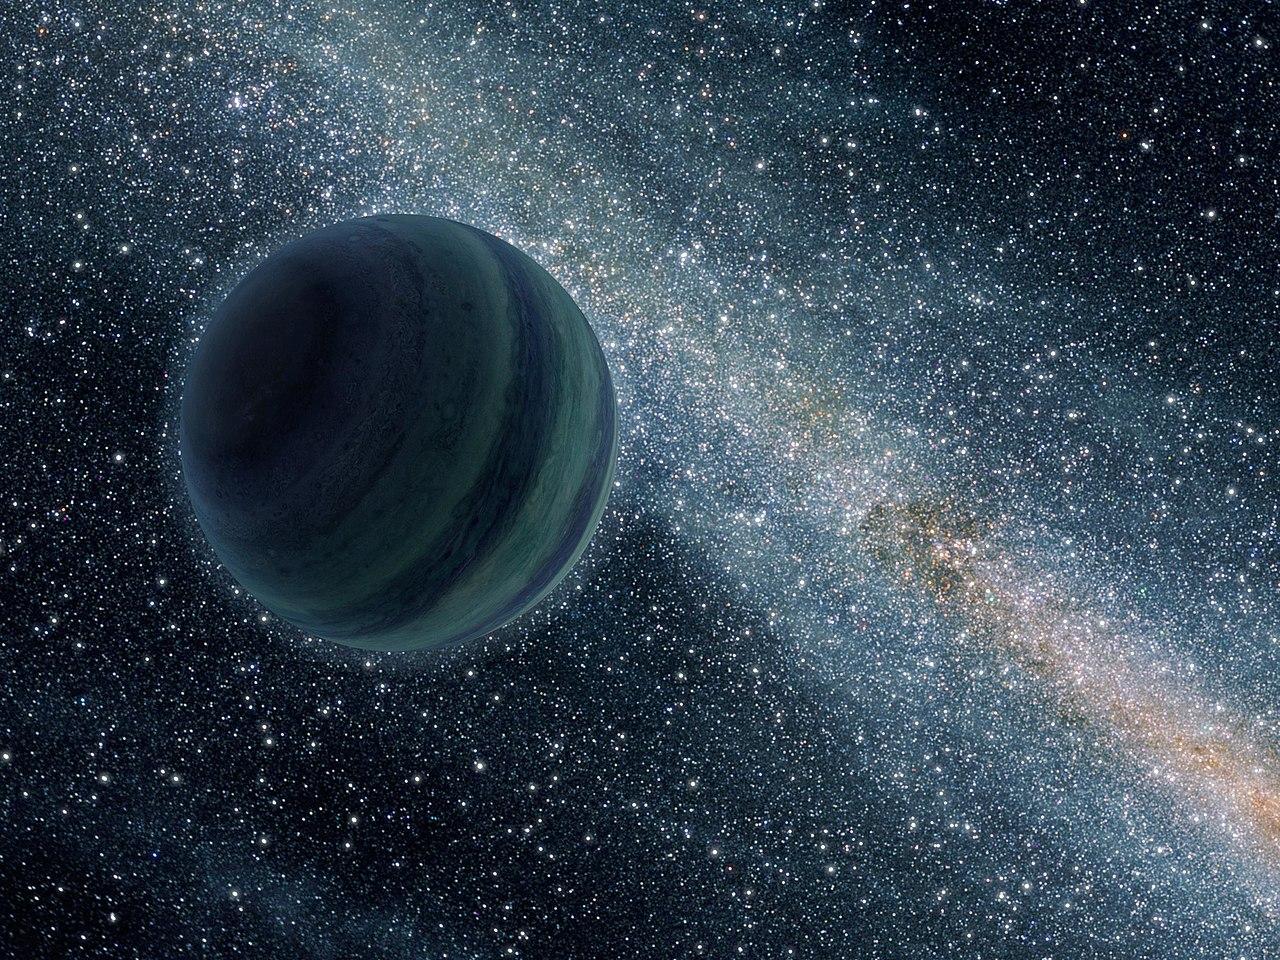 Obrázek: Vědci objevili vnaší galaxii toulavou planetu o velikosti Země